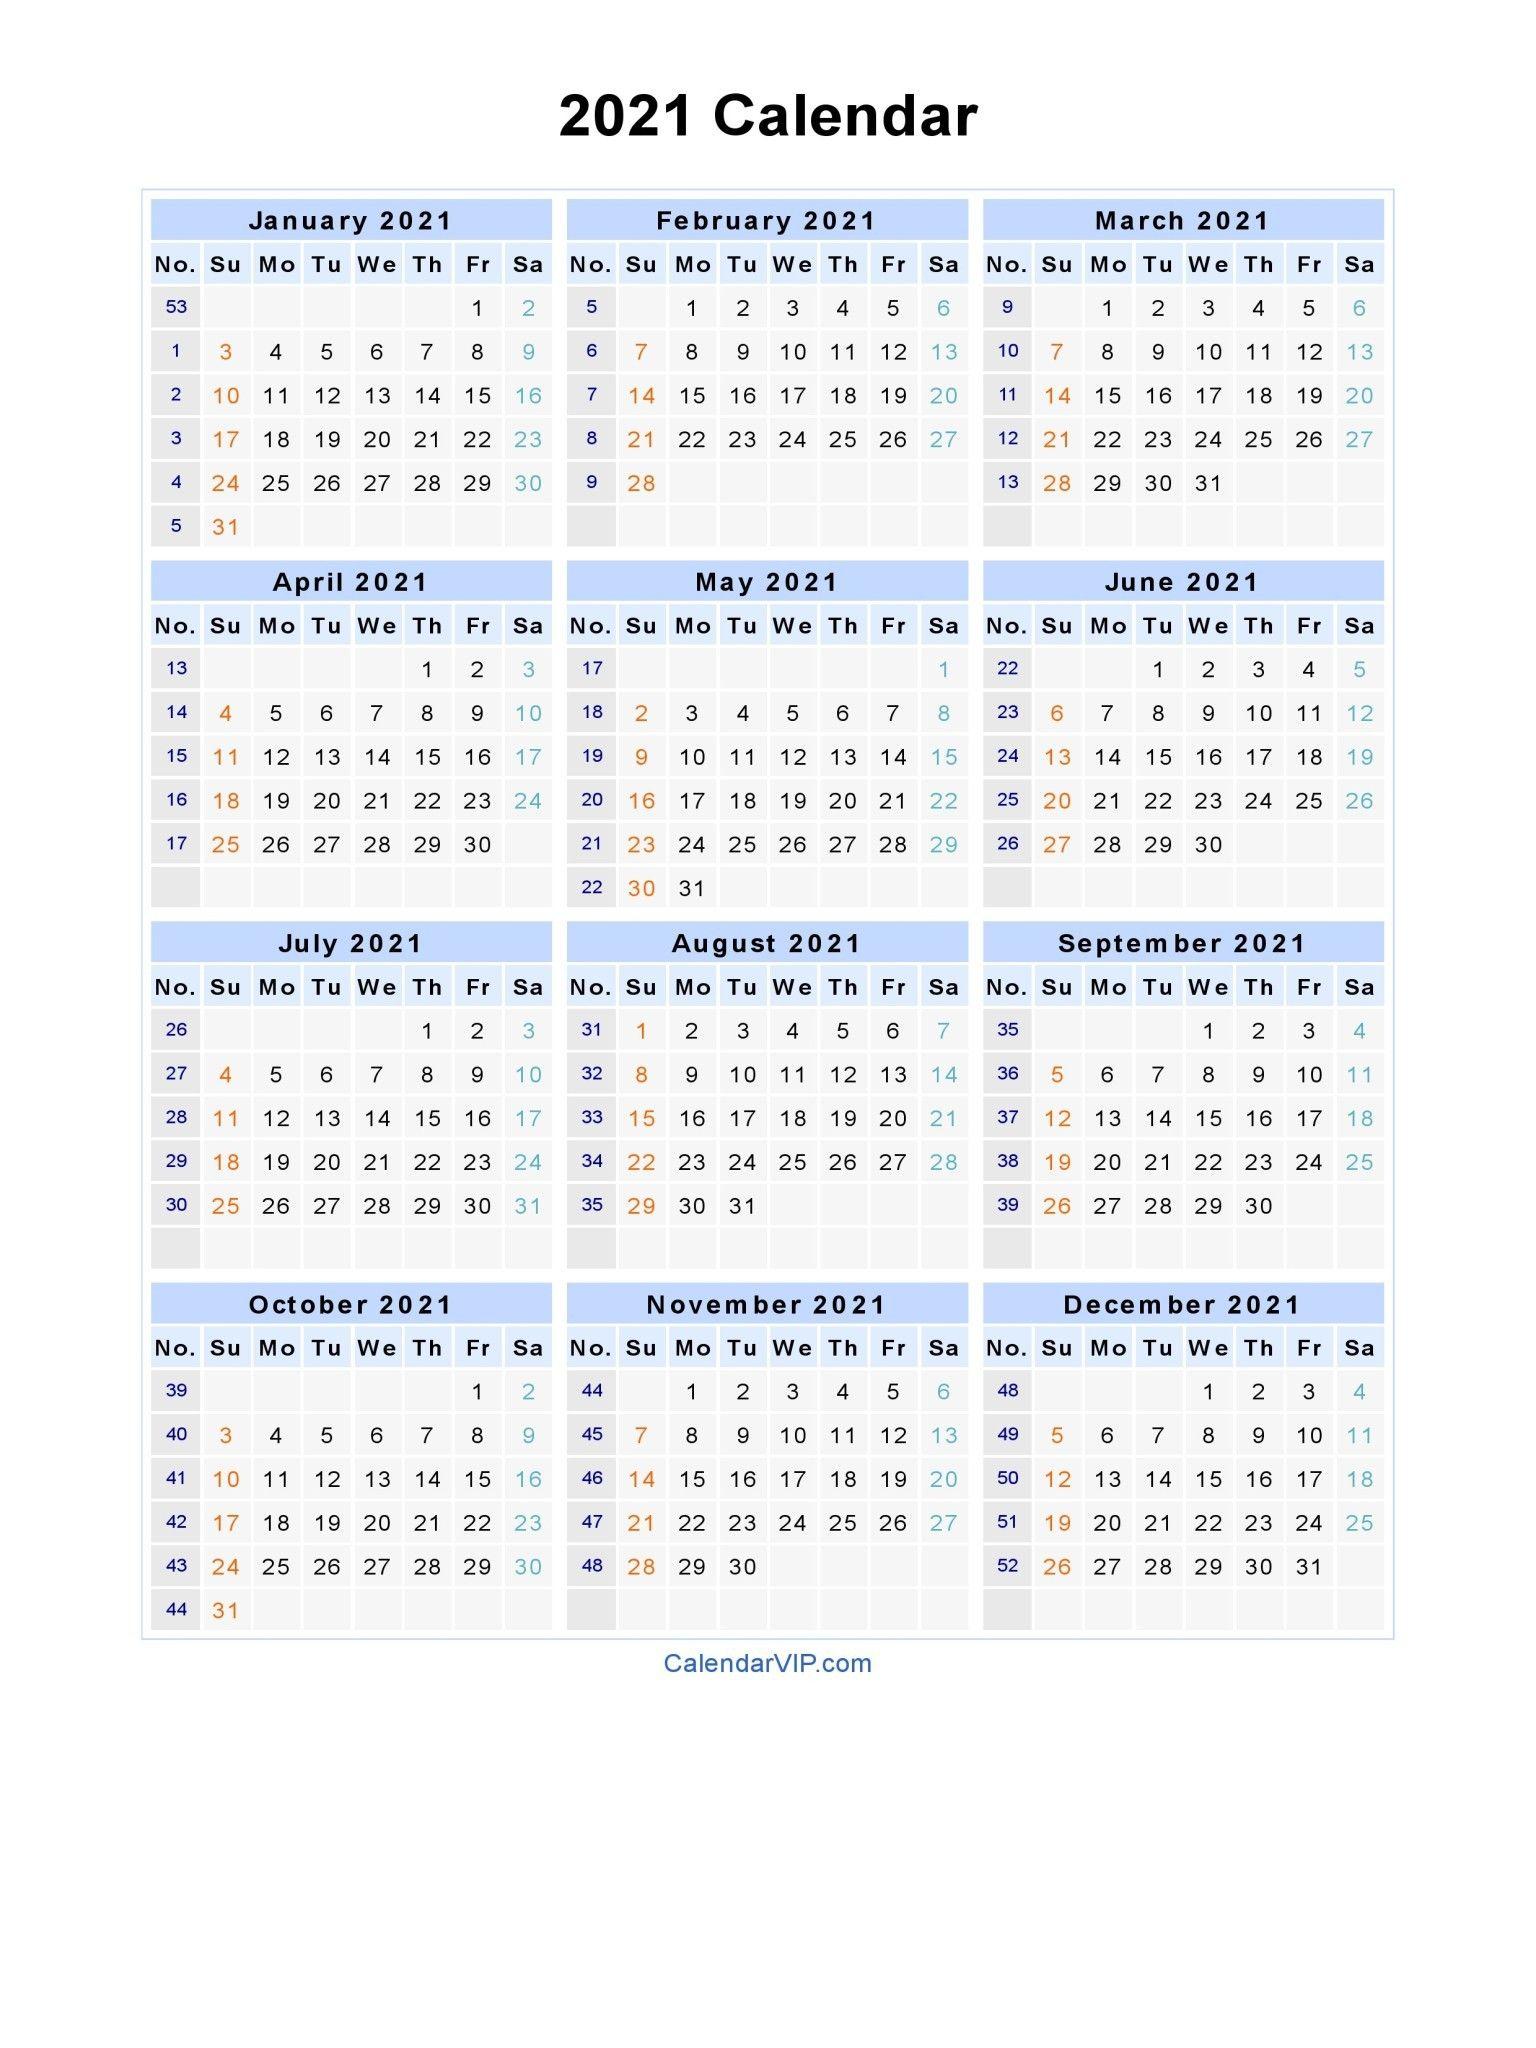 2021 Calendar With Week Numbers Excel Full – Encouraged In inside Monthly Calendar By Week Number 2021